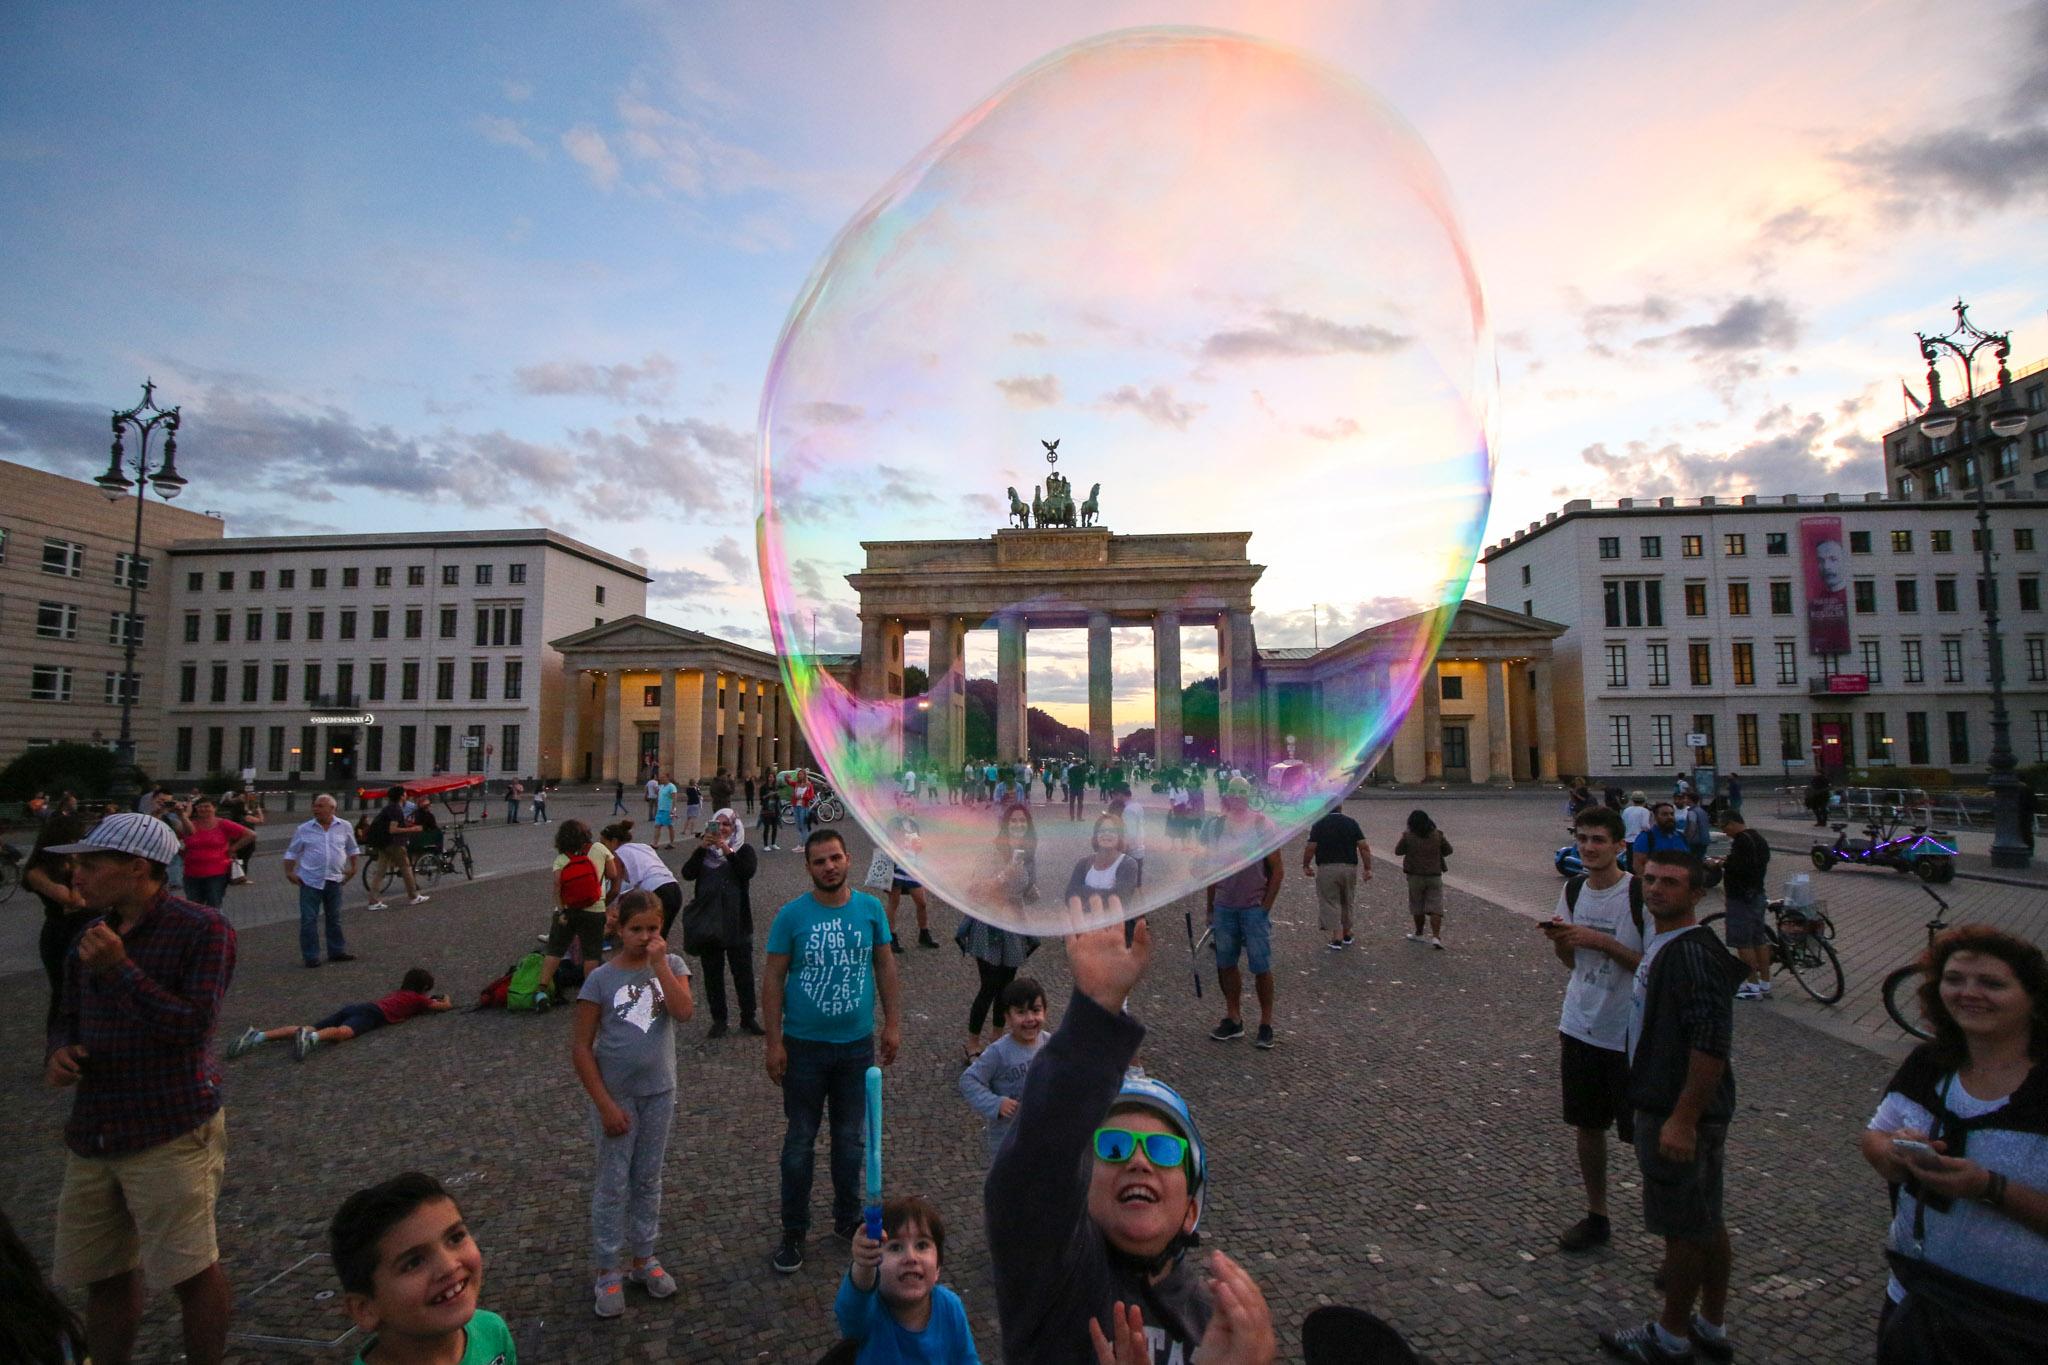 Un enfant essaye d'atteindre une bulle de savon à Berlin, en juillet 2016.